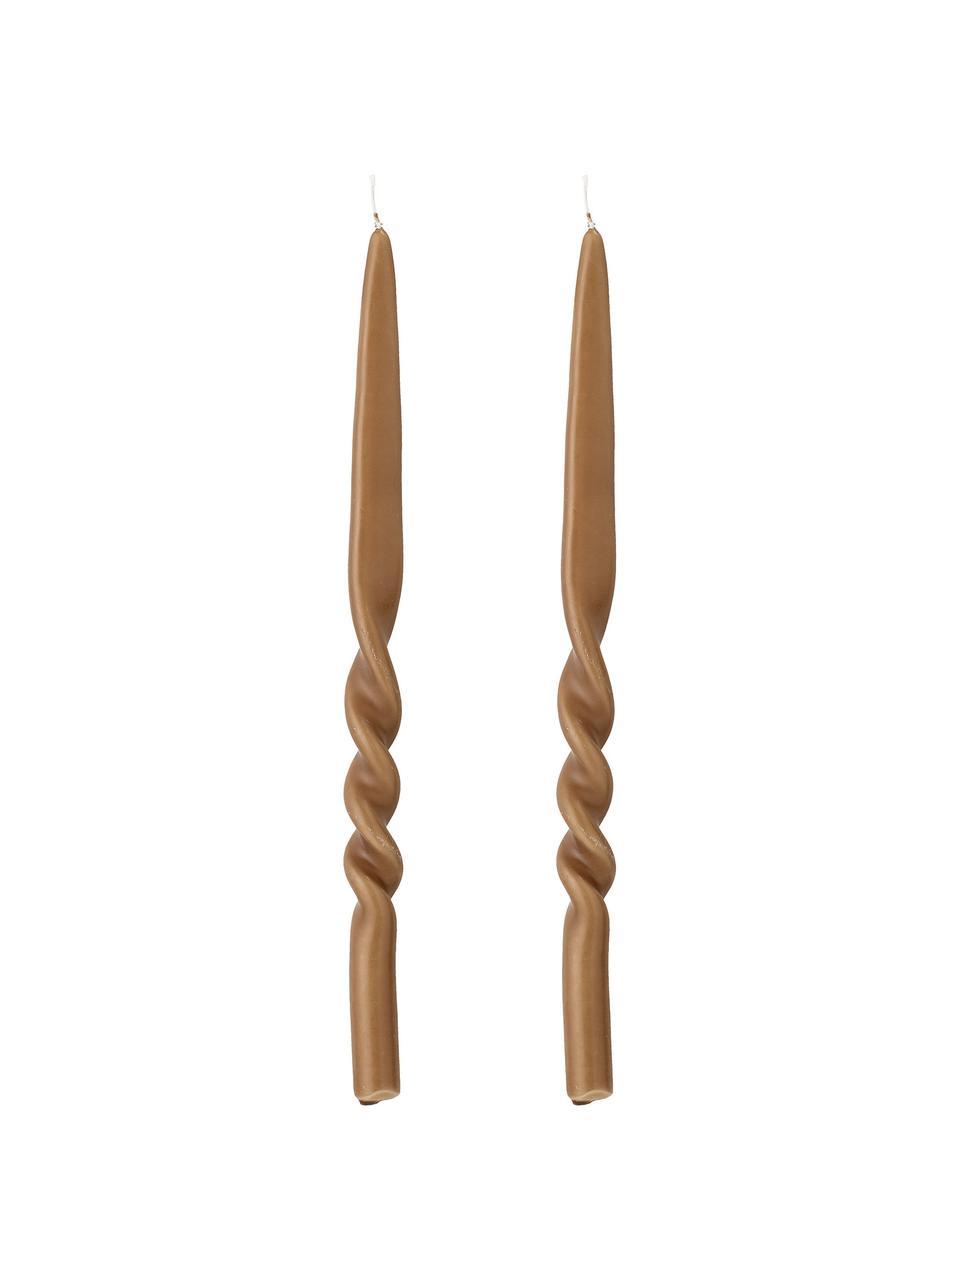 Stabkerzen Twist, 2 Stück, Wachs, Braun, Ø 2 x H 40 cm